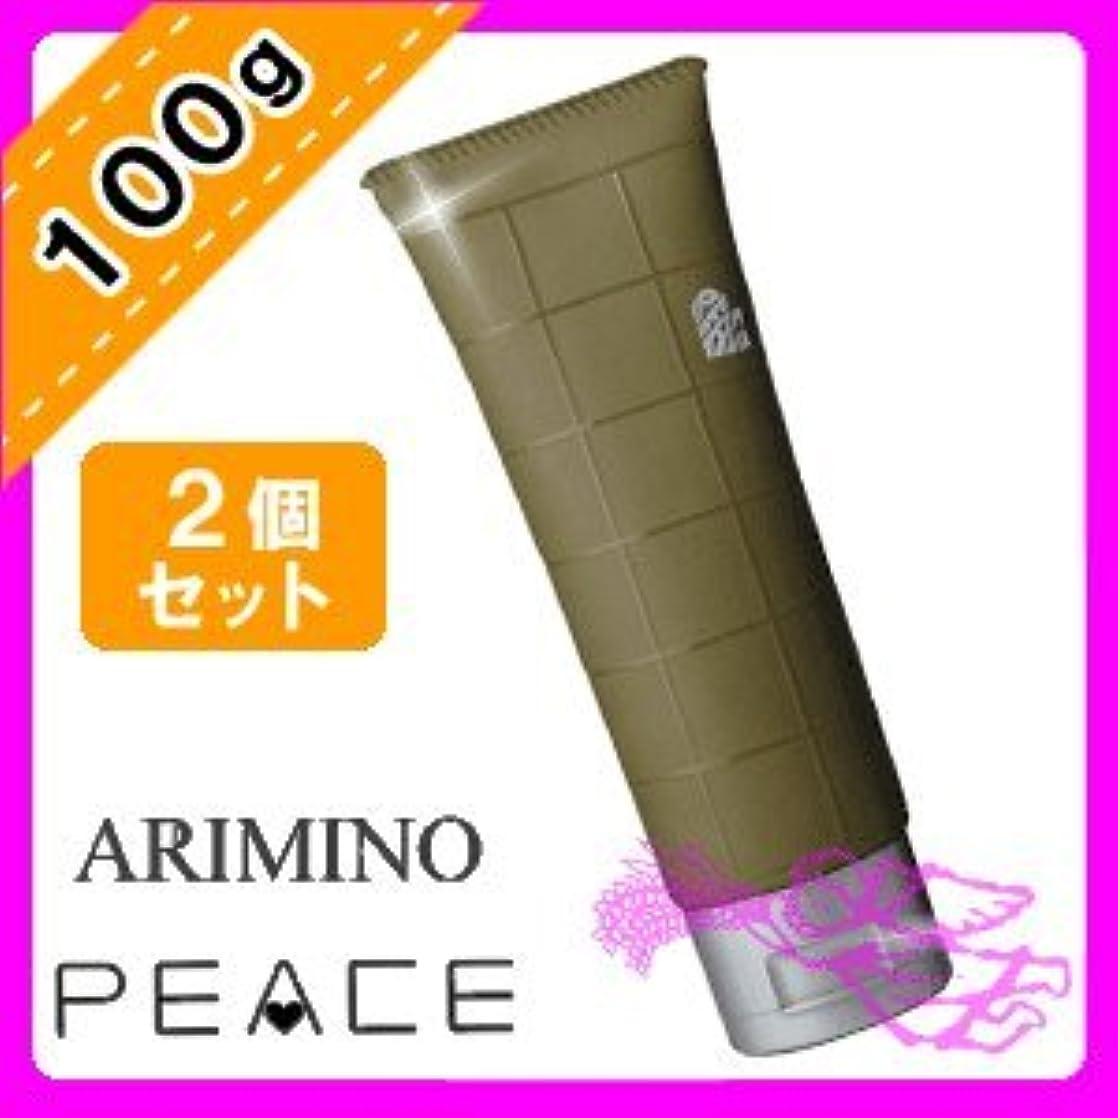 ウッズ反毒風味アリミノ ピース ウェットオイル ワックス 100g ×2個セット arimino PEACE